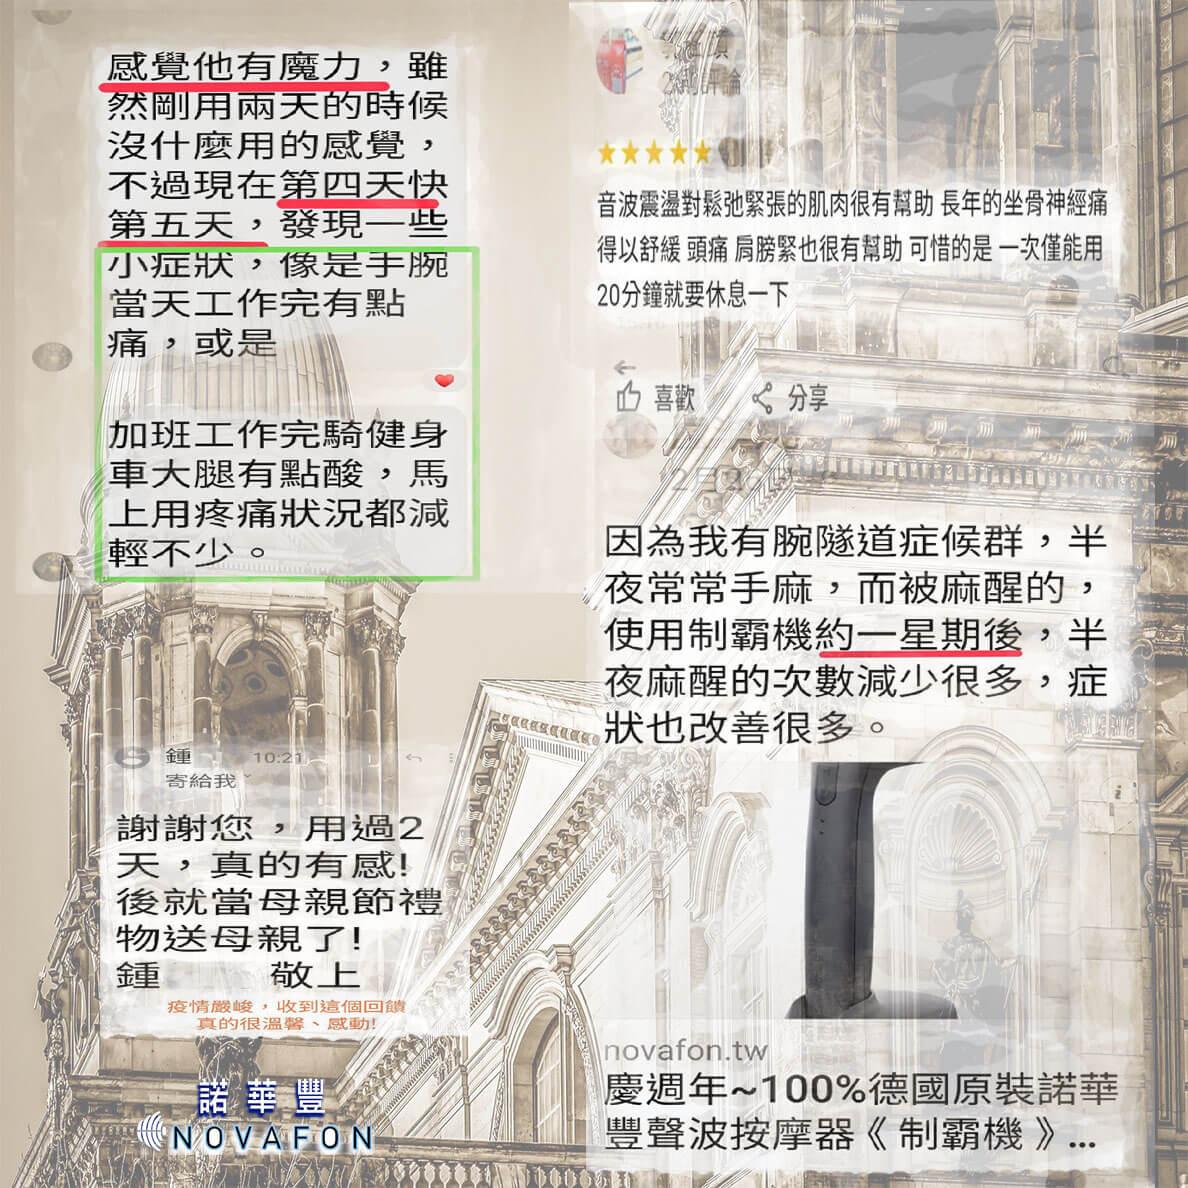 諾華豐台灣地區好評見證 3